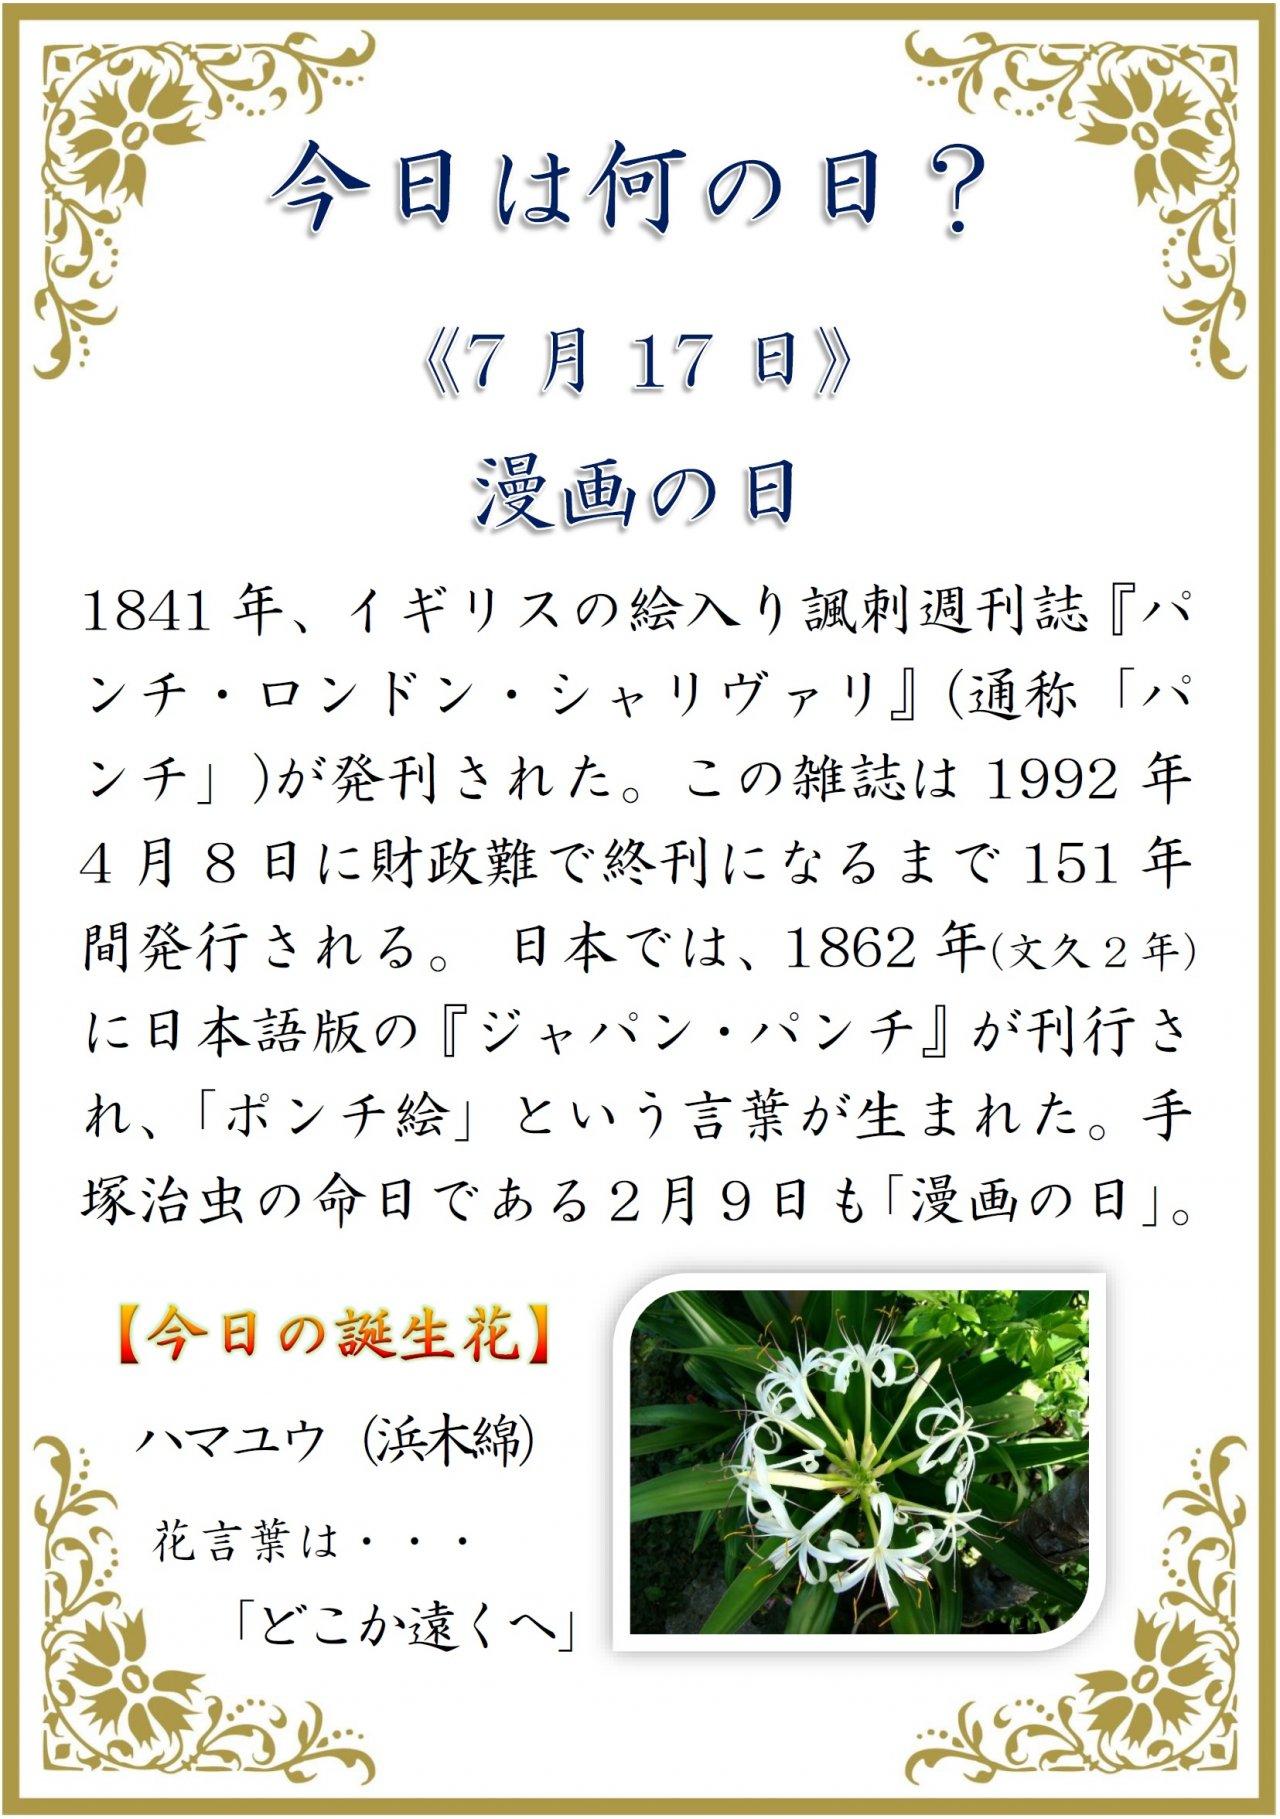 日 7 何 日 の 月 17 7月17日生まれの性格と相性、運勢、有名人は?